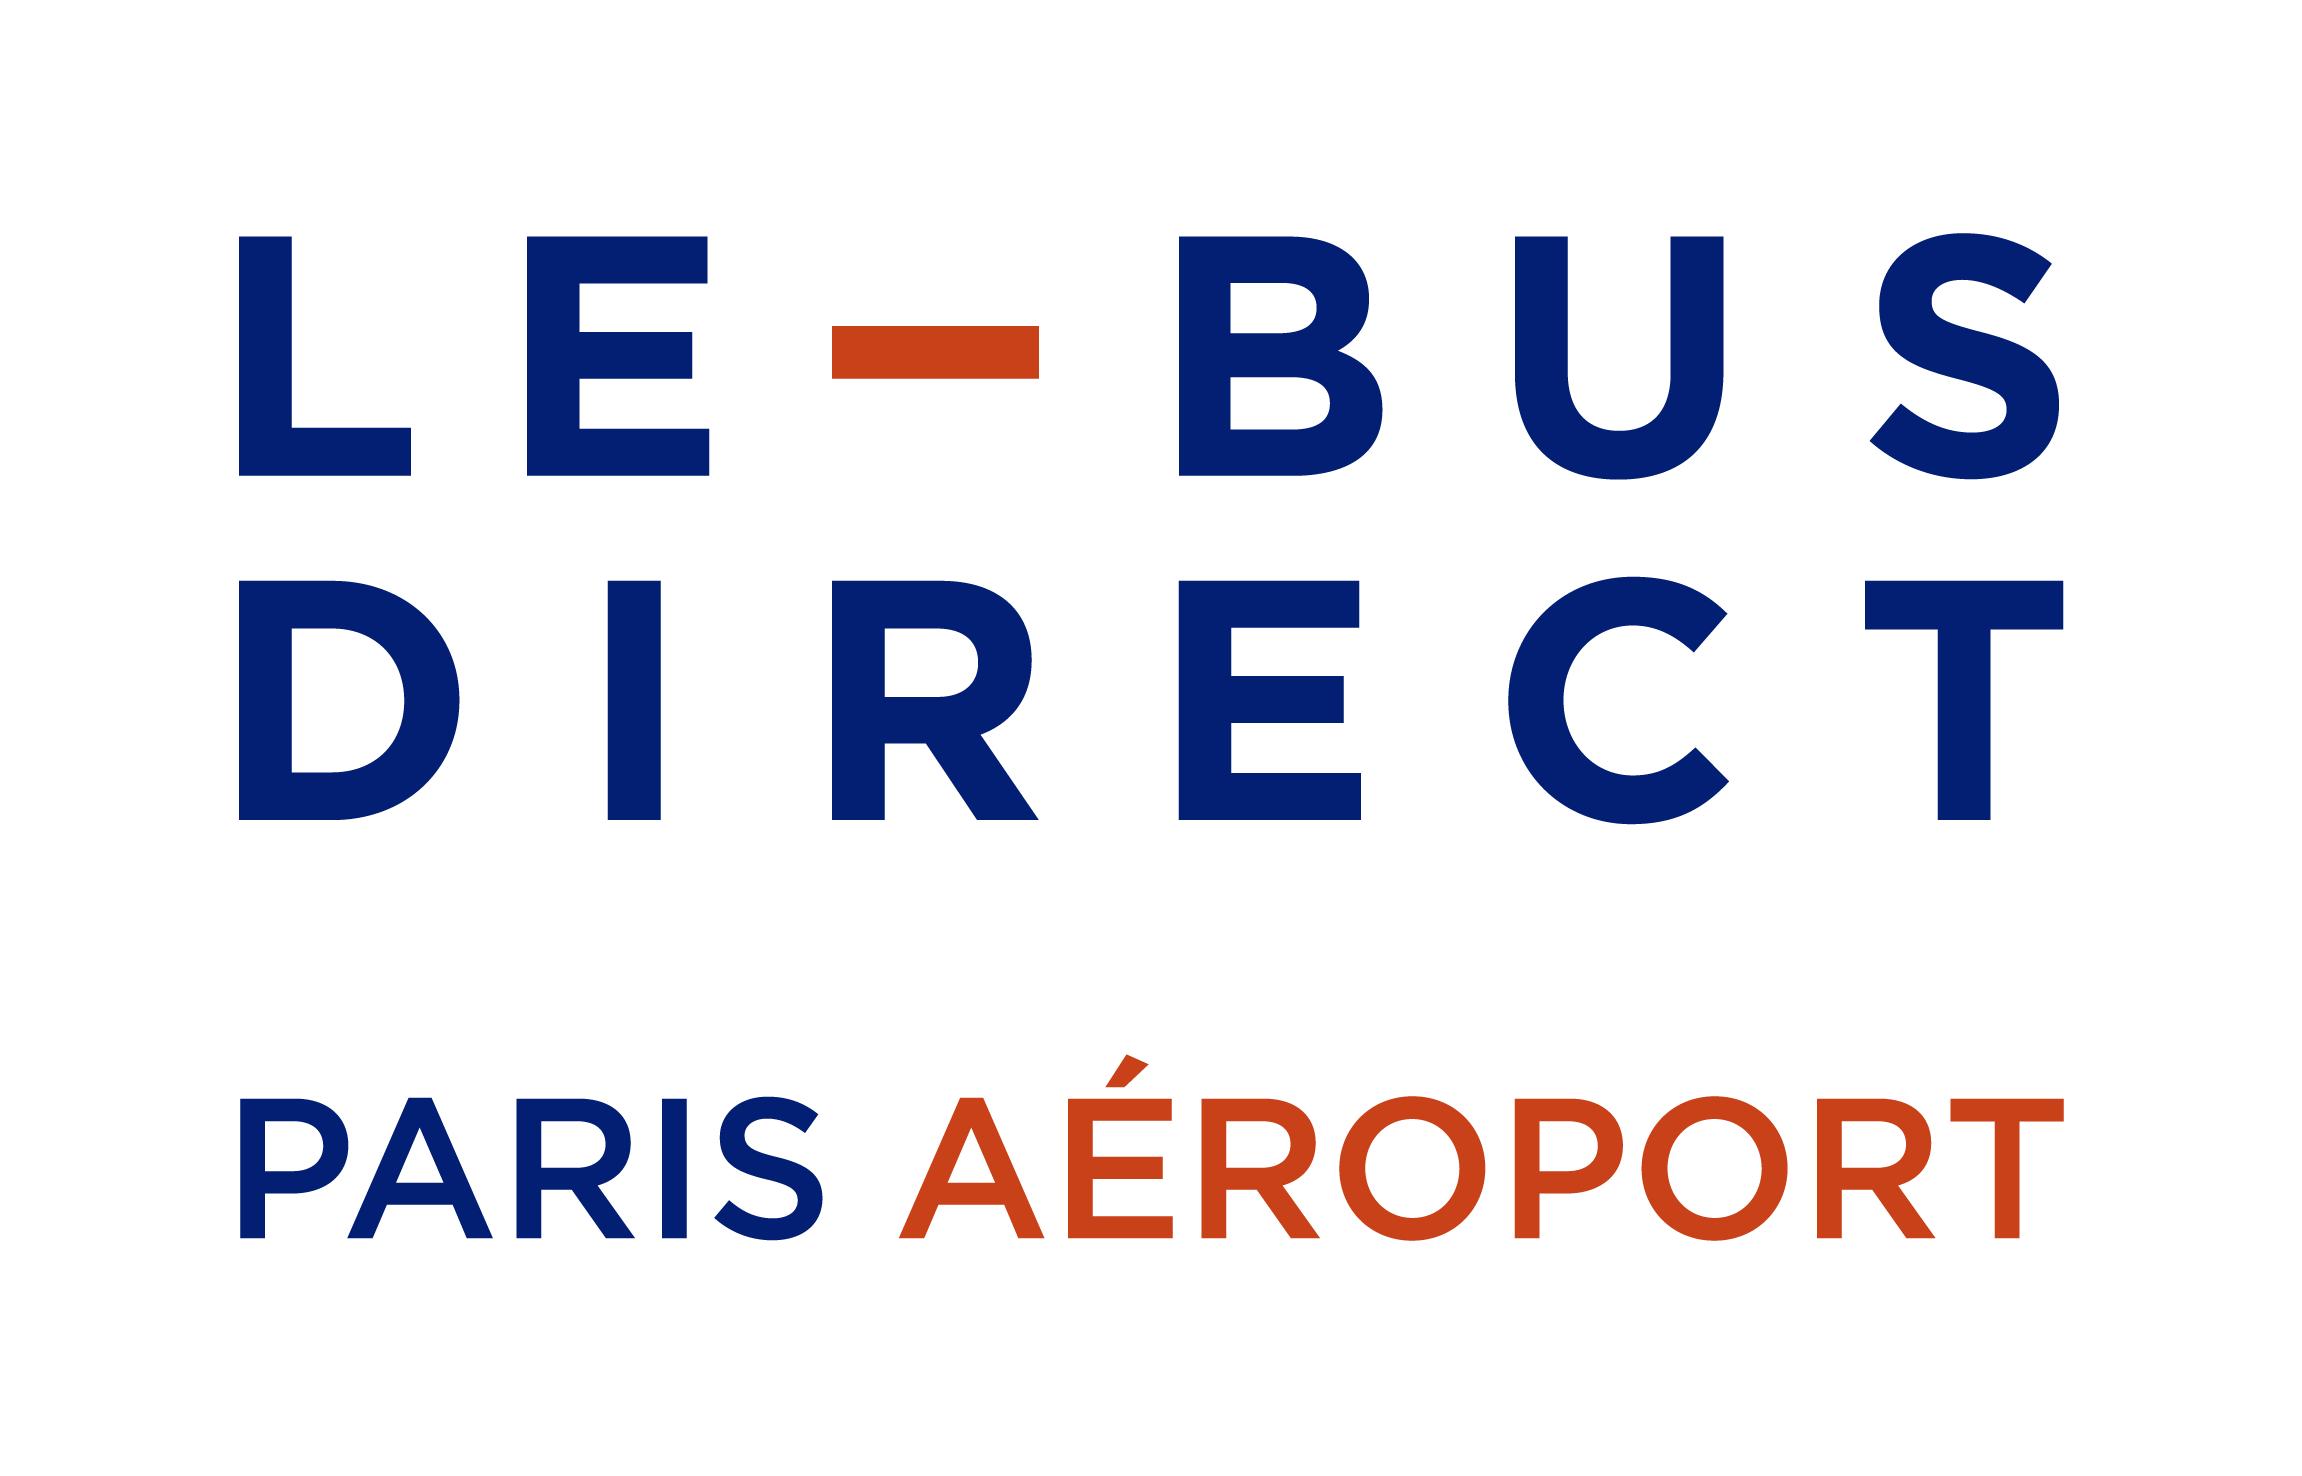 Sélection de billets de bus en promotion - Ex: Paris <-> Aéroport Paris-Orly (lebusdirect.com)